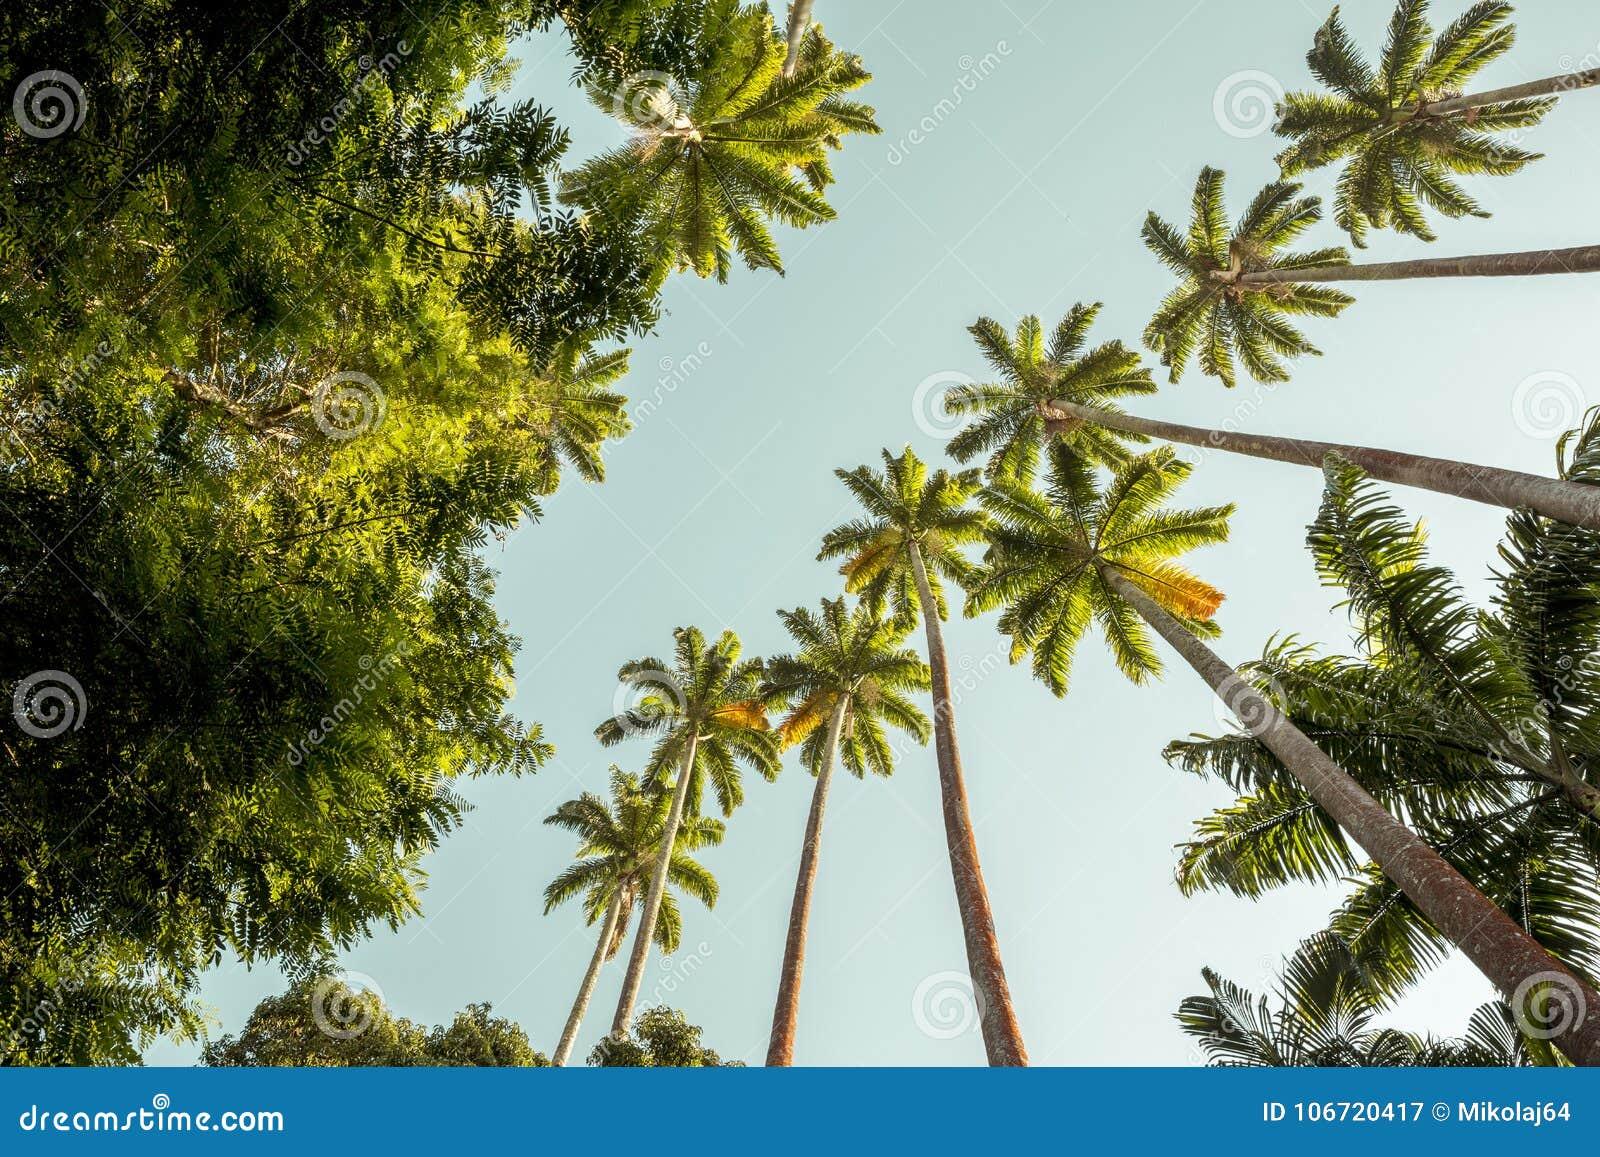 Palm trees in Botanical Garden in Rio de Janeiro, Brazil